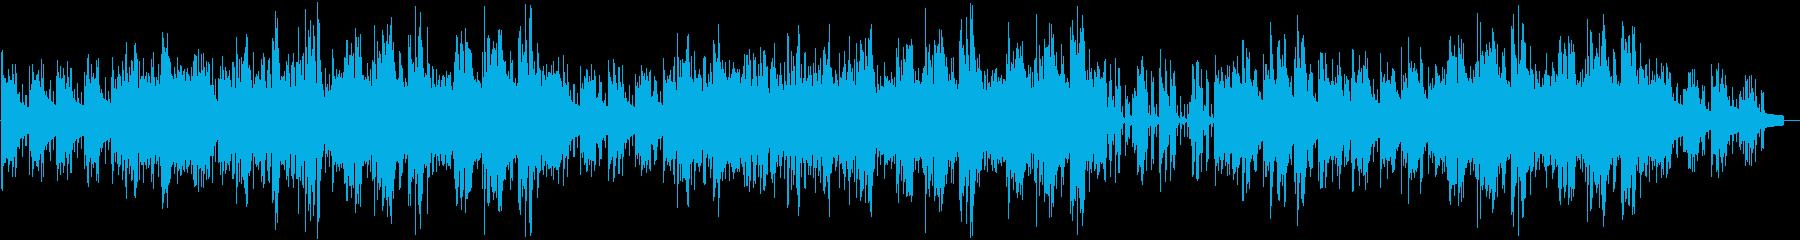 ピアノ スロー  爽やか スムースジャズの再生済みの波形